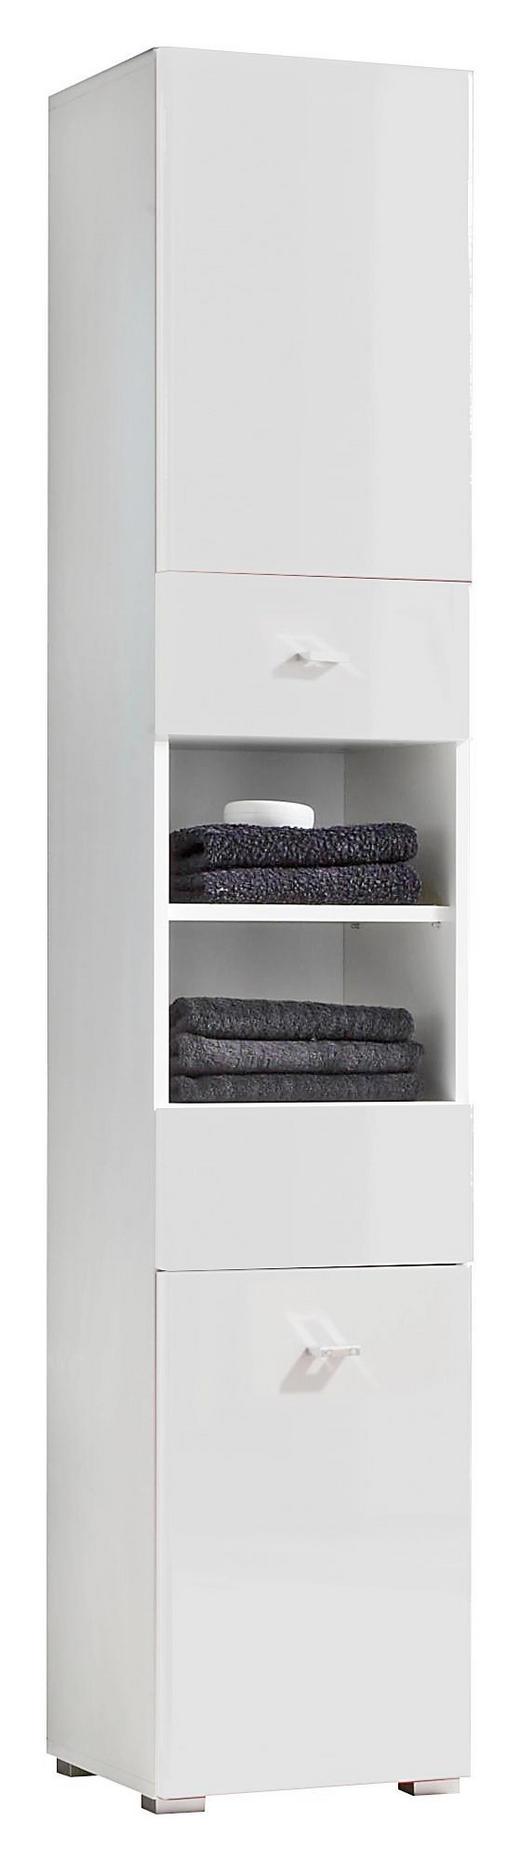 HOCHSCHRANK Weiß - Silberfarben/Weiß, Design, Holzwerkstoff/Kunststoff (38/190/31cm) - Xora